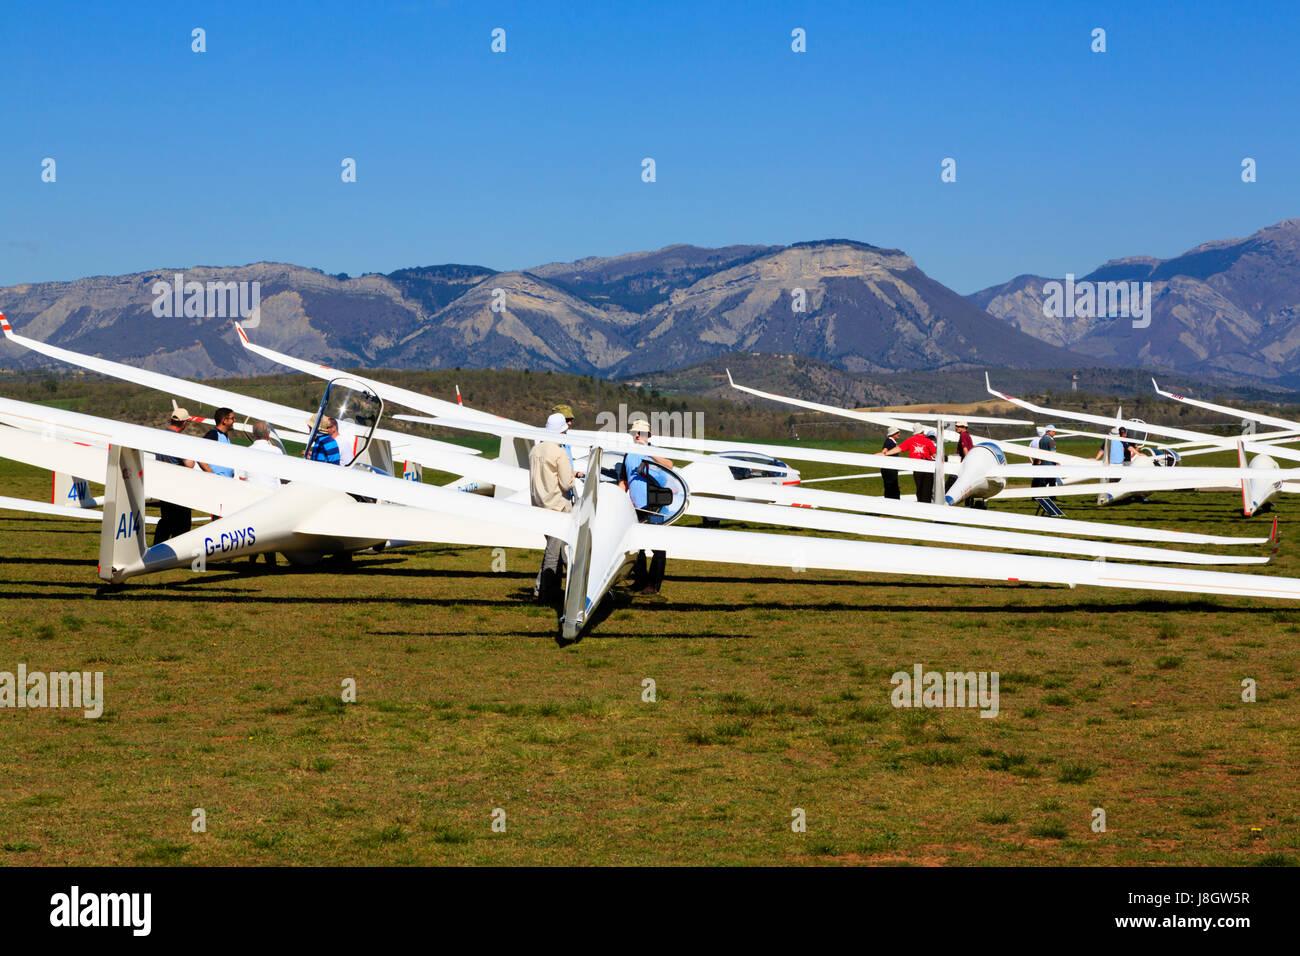 gliders glider sailplane sailplanes stock photos gliders glider